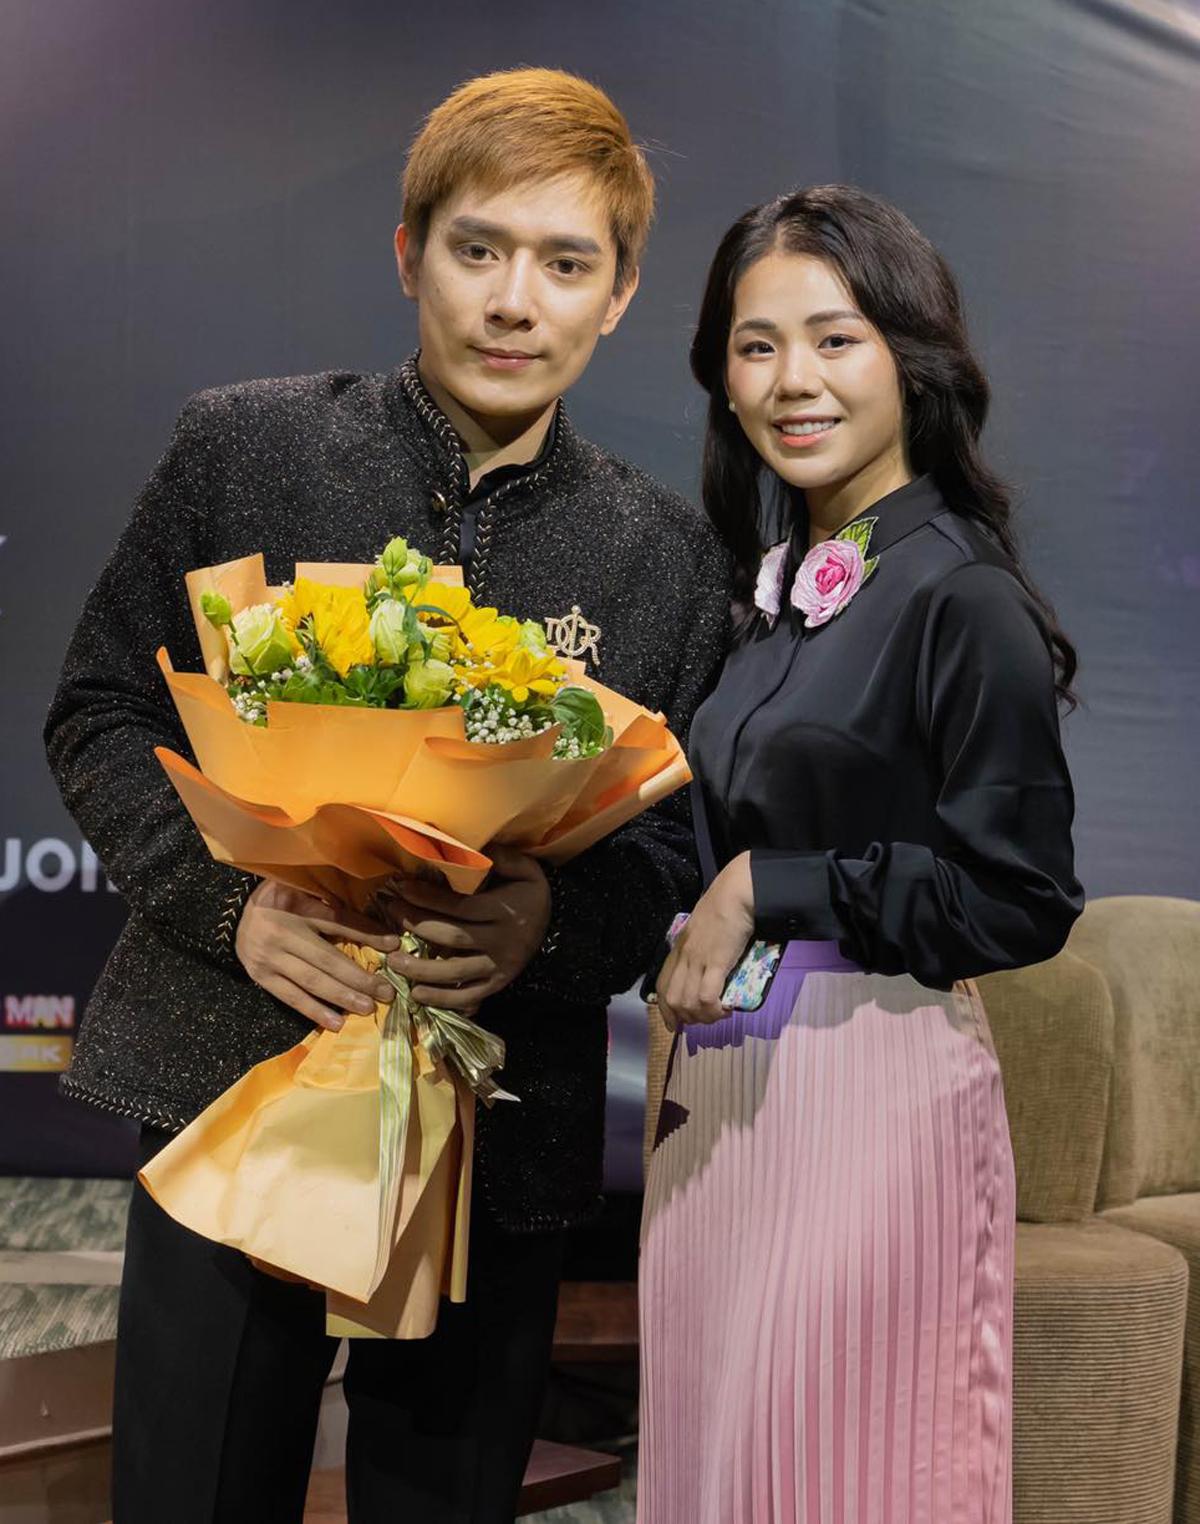 Một người bạn khác của Nhật Phong là Hương Ly cũng có mặt ở sự kiện từ rất sớm. Vốn thân thiết với Nhật Phong, nữ ca sĩ thường xuyên cover những ca khúc của bạn thân và nhận được phản hồi tích cực từ khán giả.